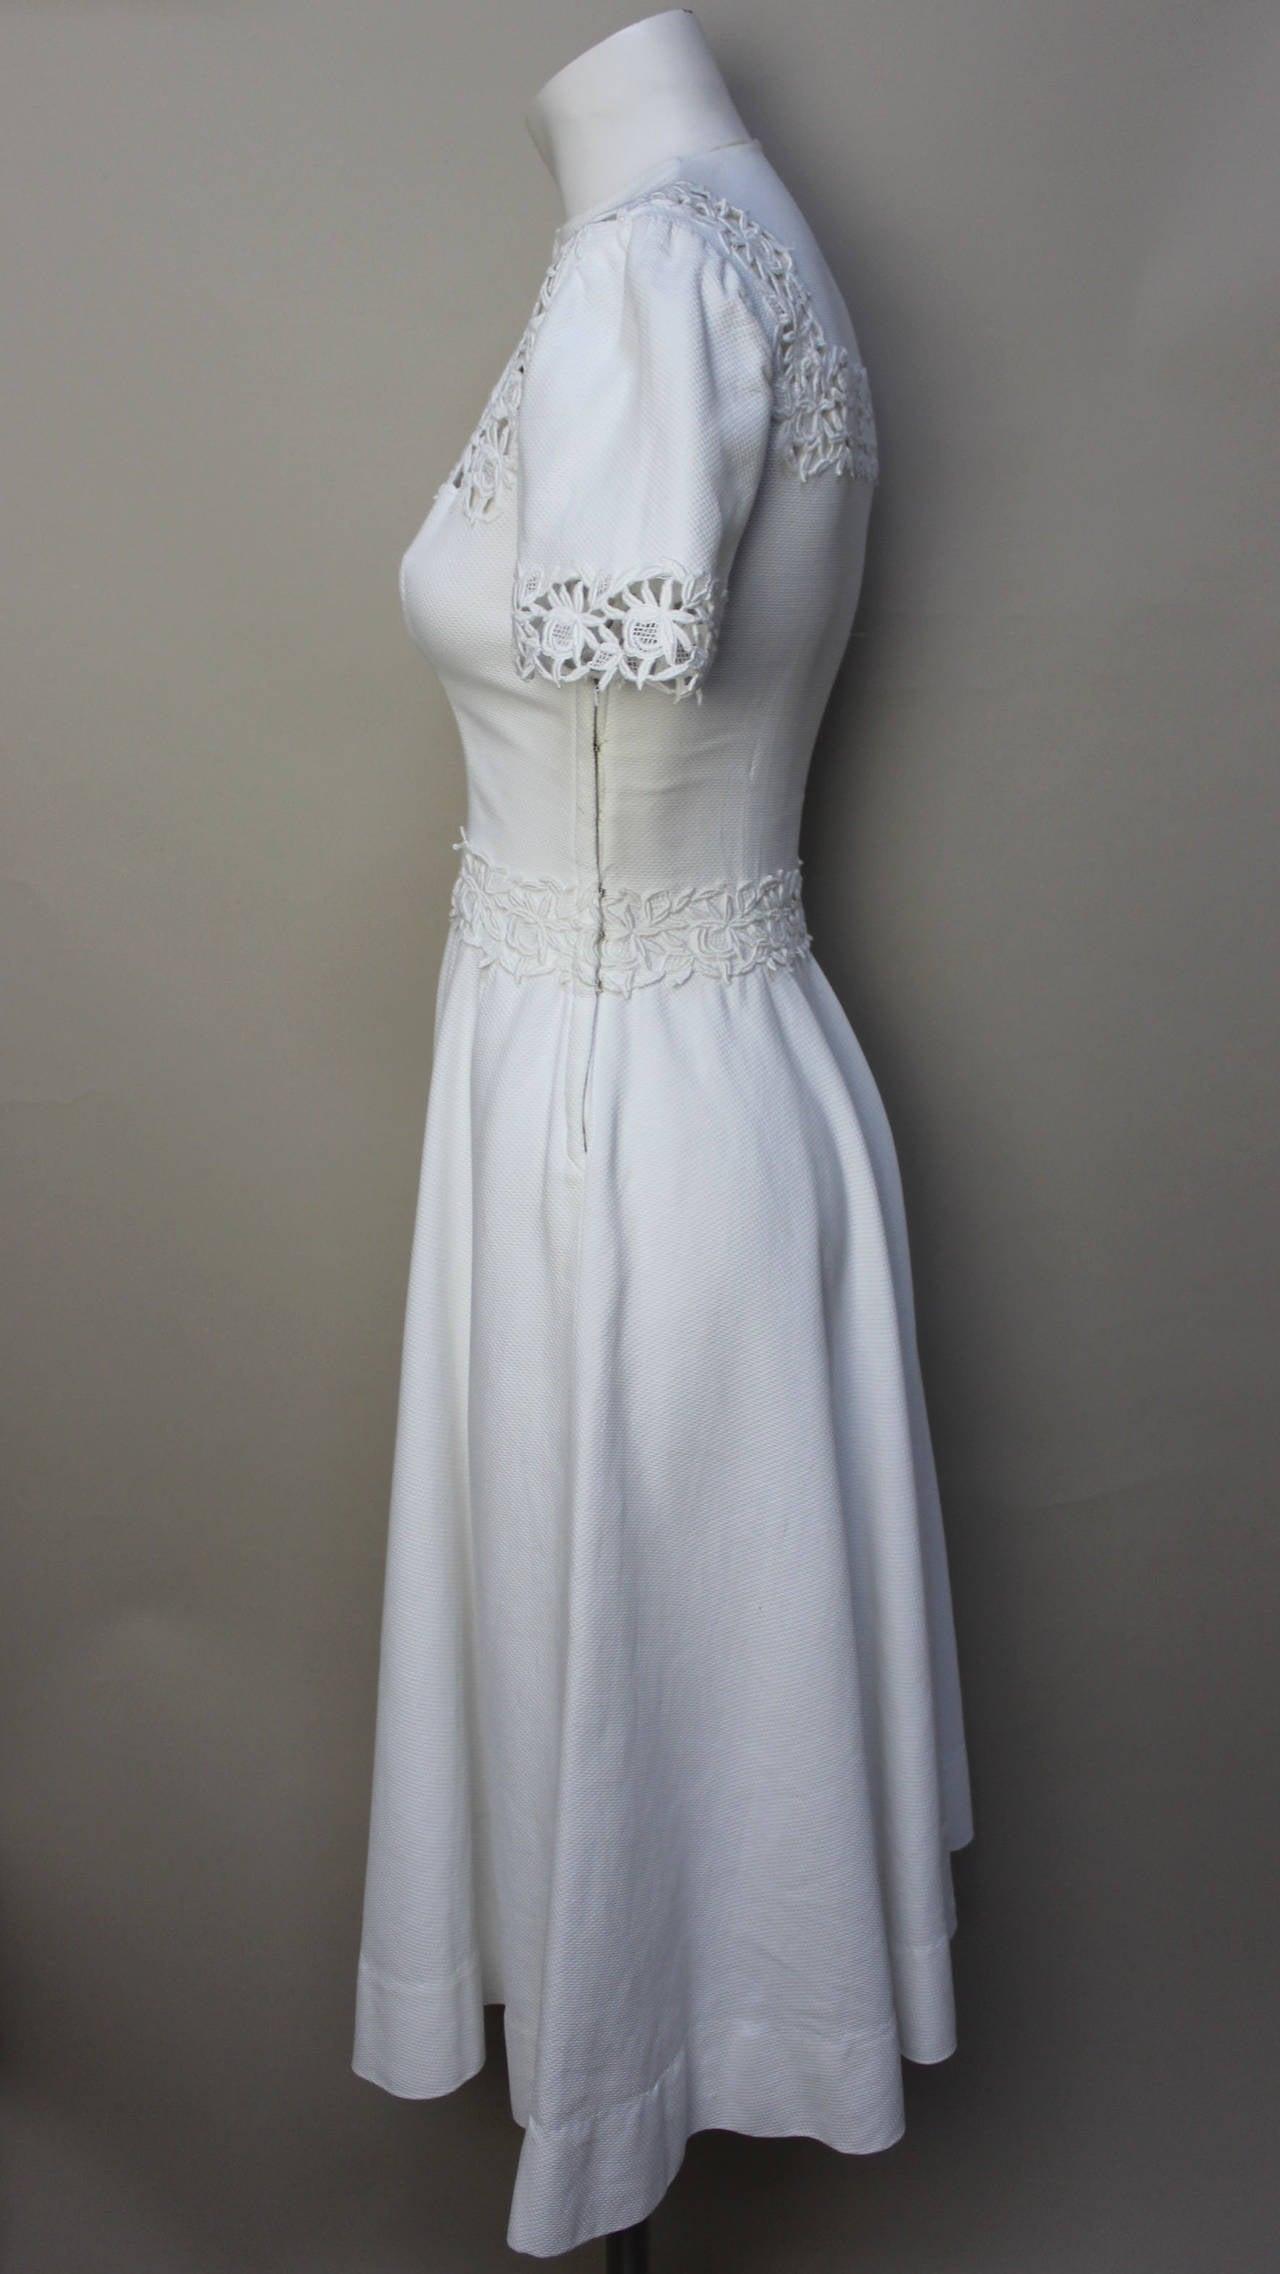 1940s/1950s Lawn Party White Pique Dress 3